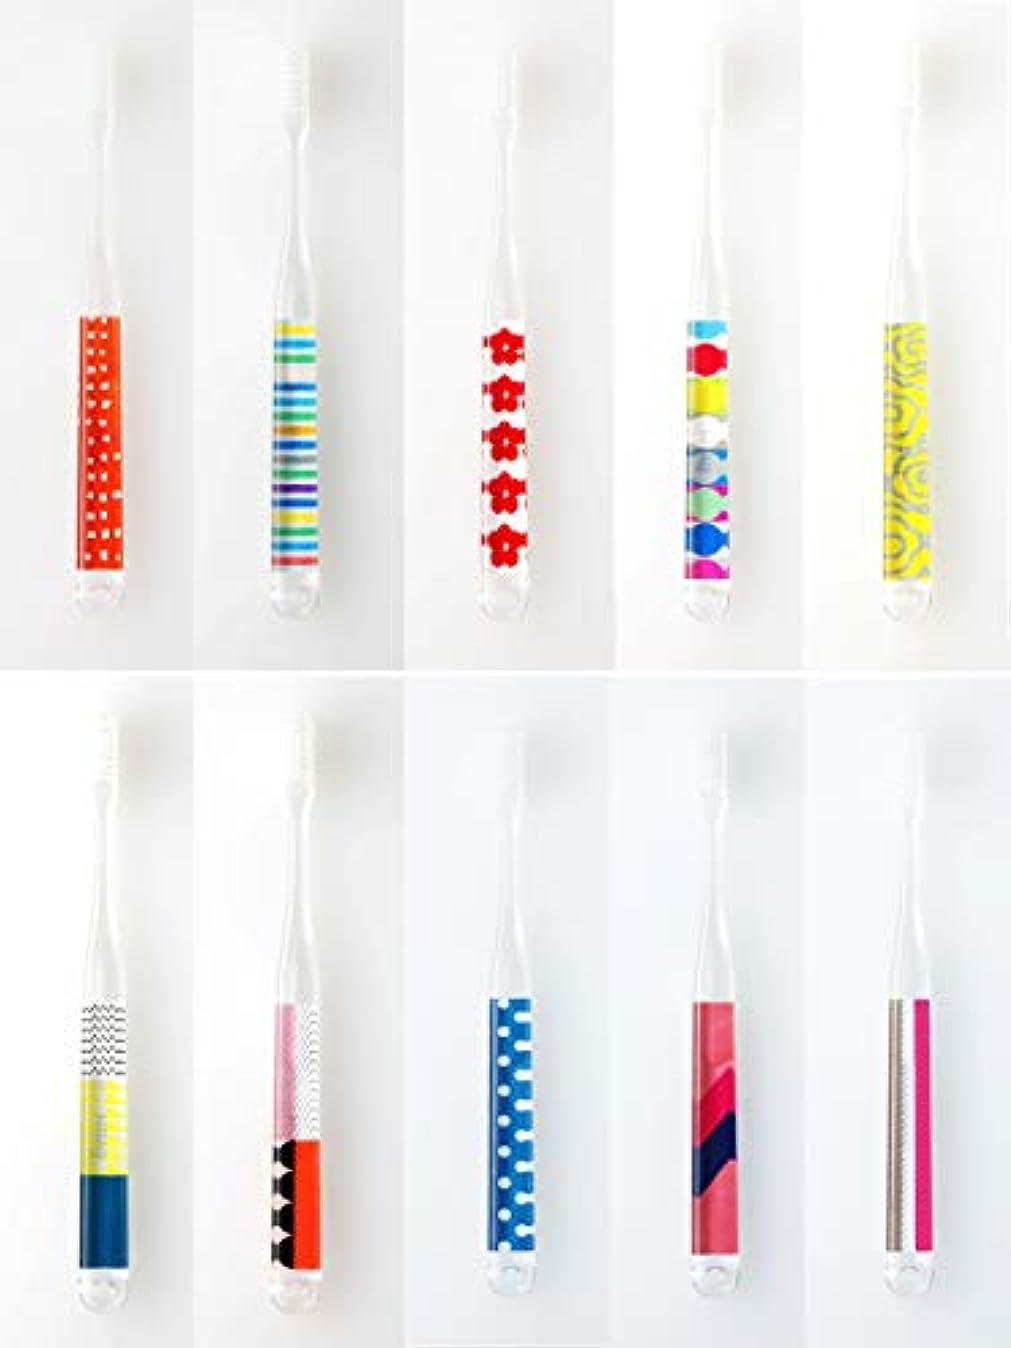 MOYO モヨウ 歯ブラシ POP 10本セット_562302-pop3 【F】,POP10本セット ハブラシ